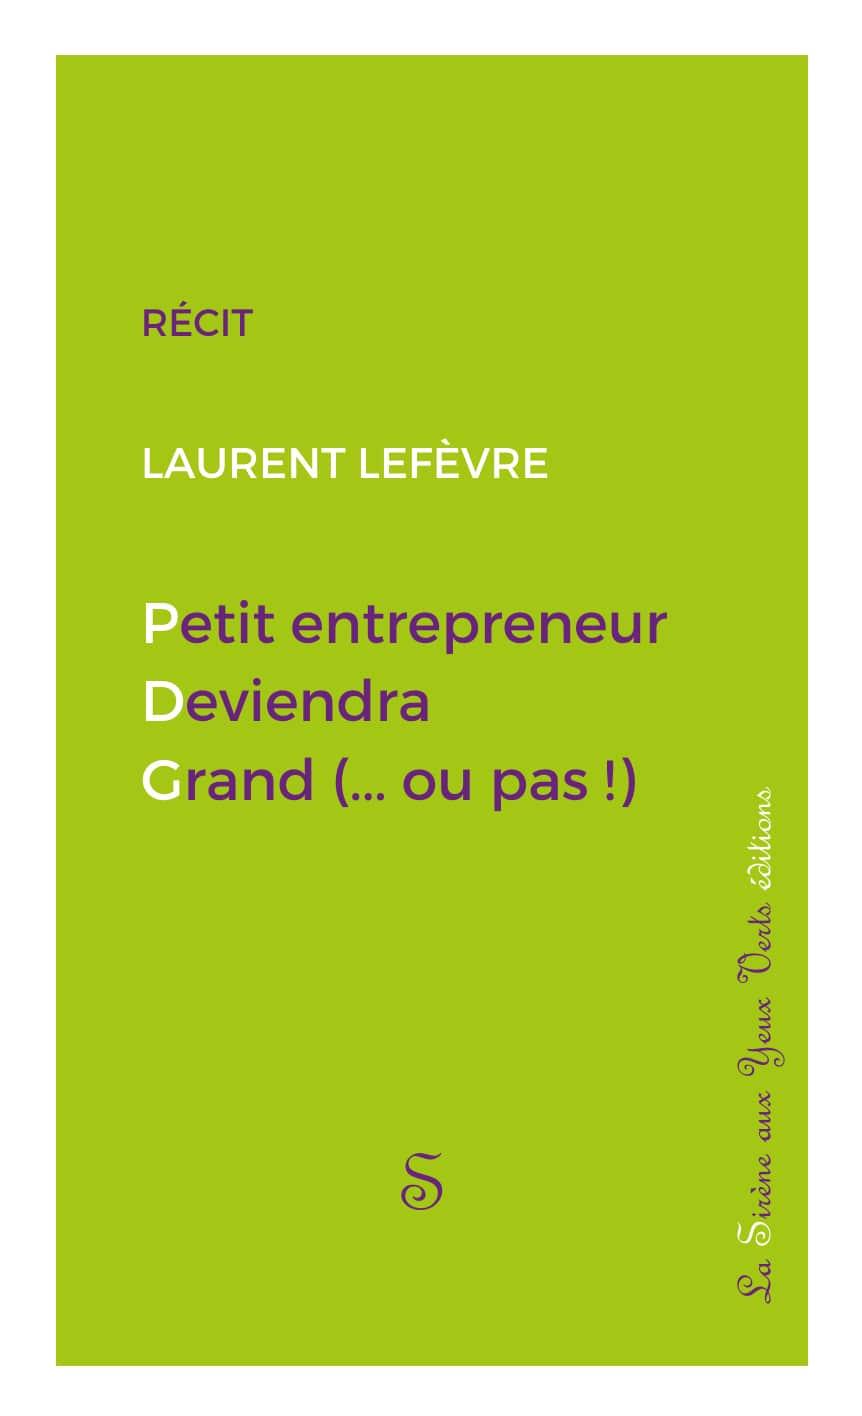 Livre de Laurent Lefèvre